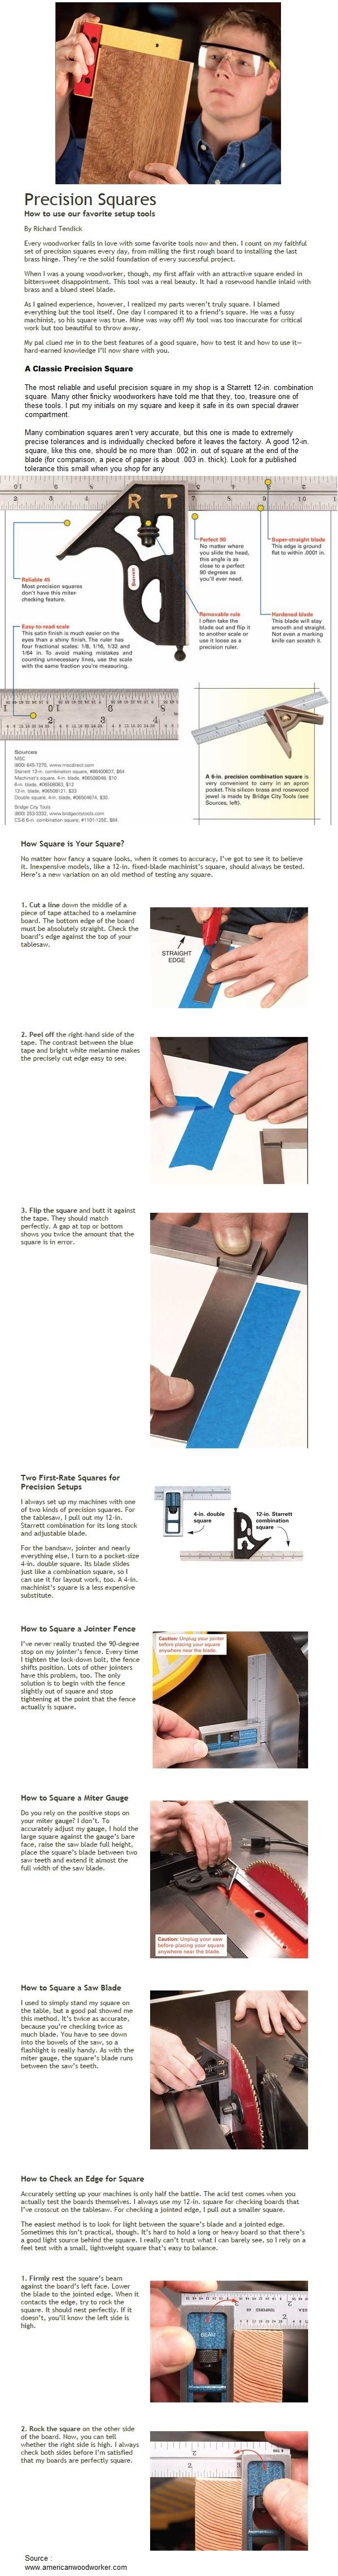 Precision Squares   WoodworkerZ.com